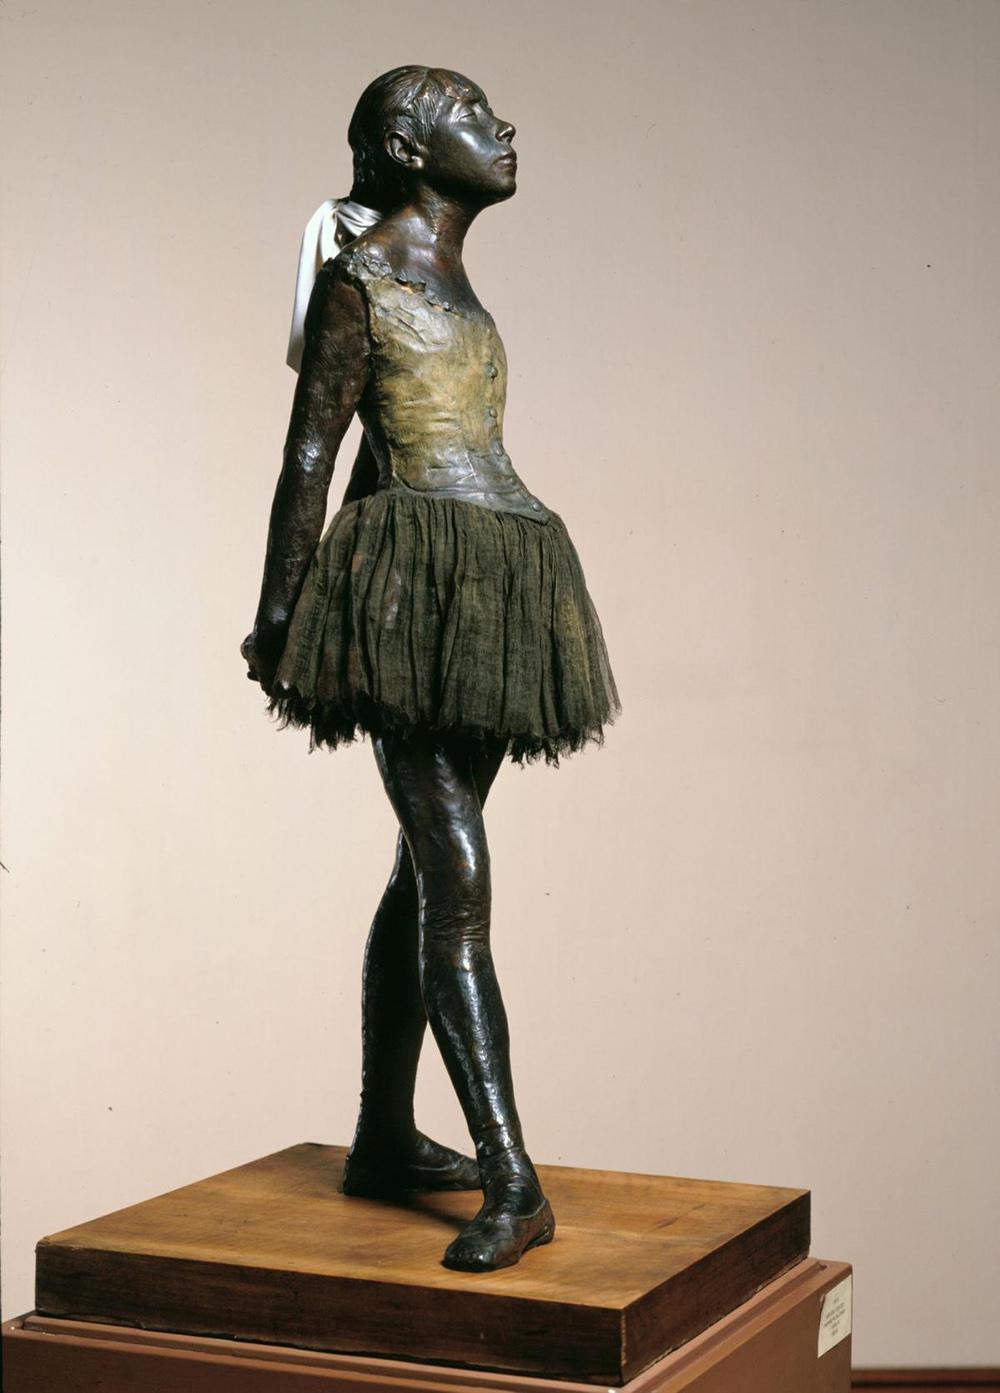 Edgar Degas, The Little Fourteen-year-old Dancer